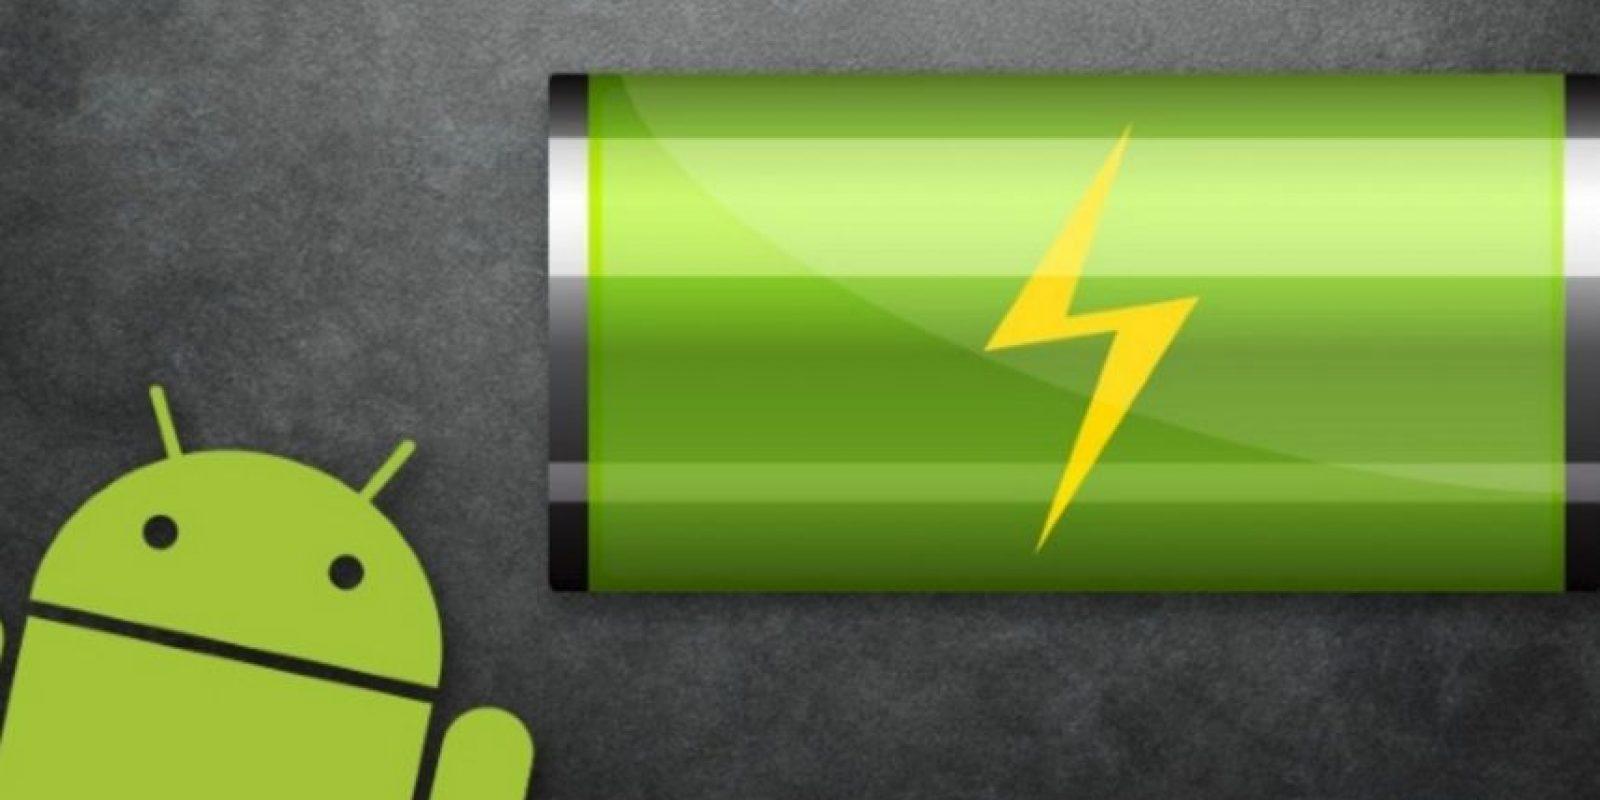 Los ciclos de carga son las veces que puede recargarse el cargador portátil antes de que deje de retener el 100% de la energía. Foto:Pinterest